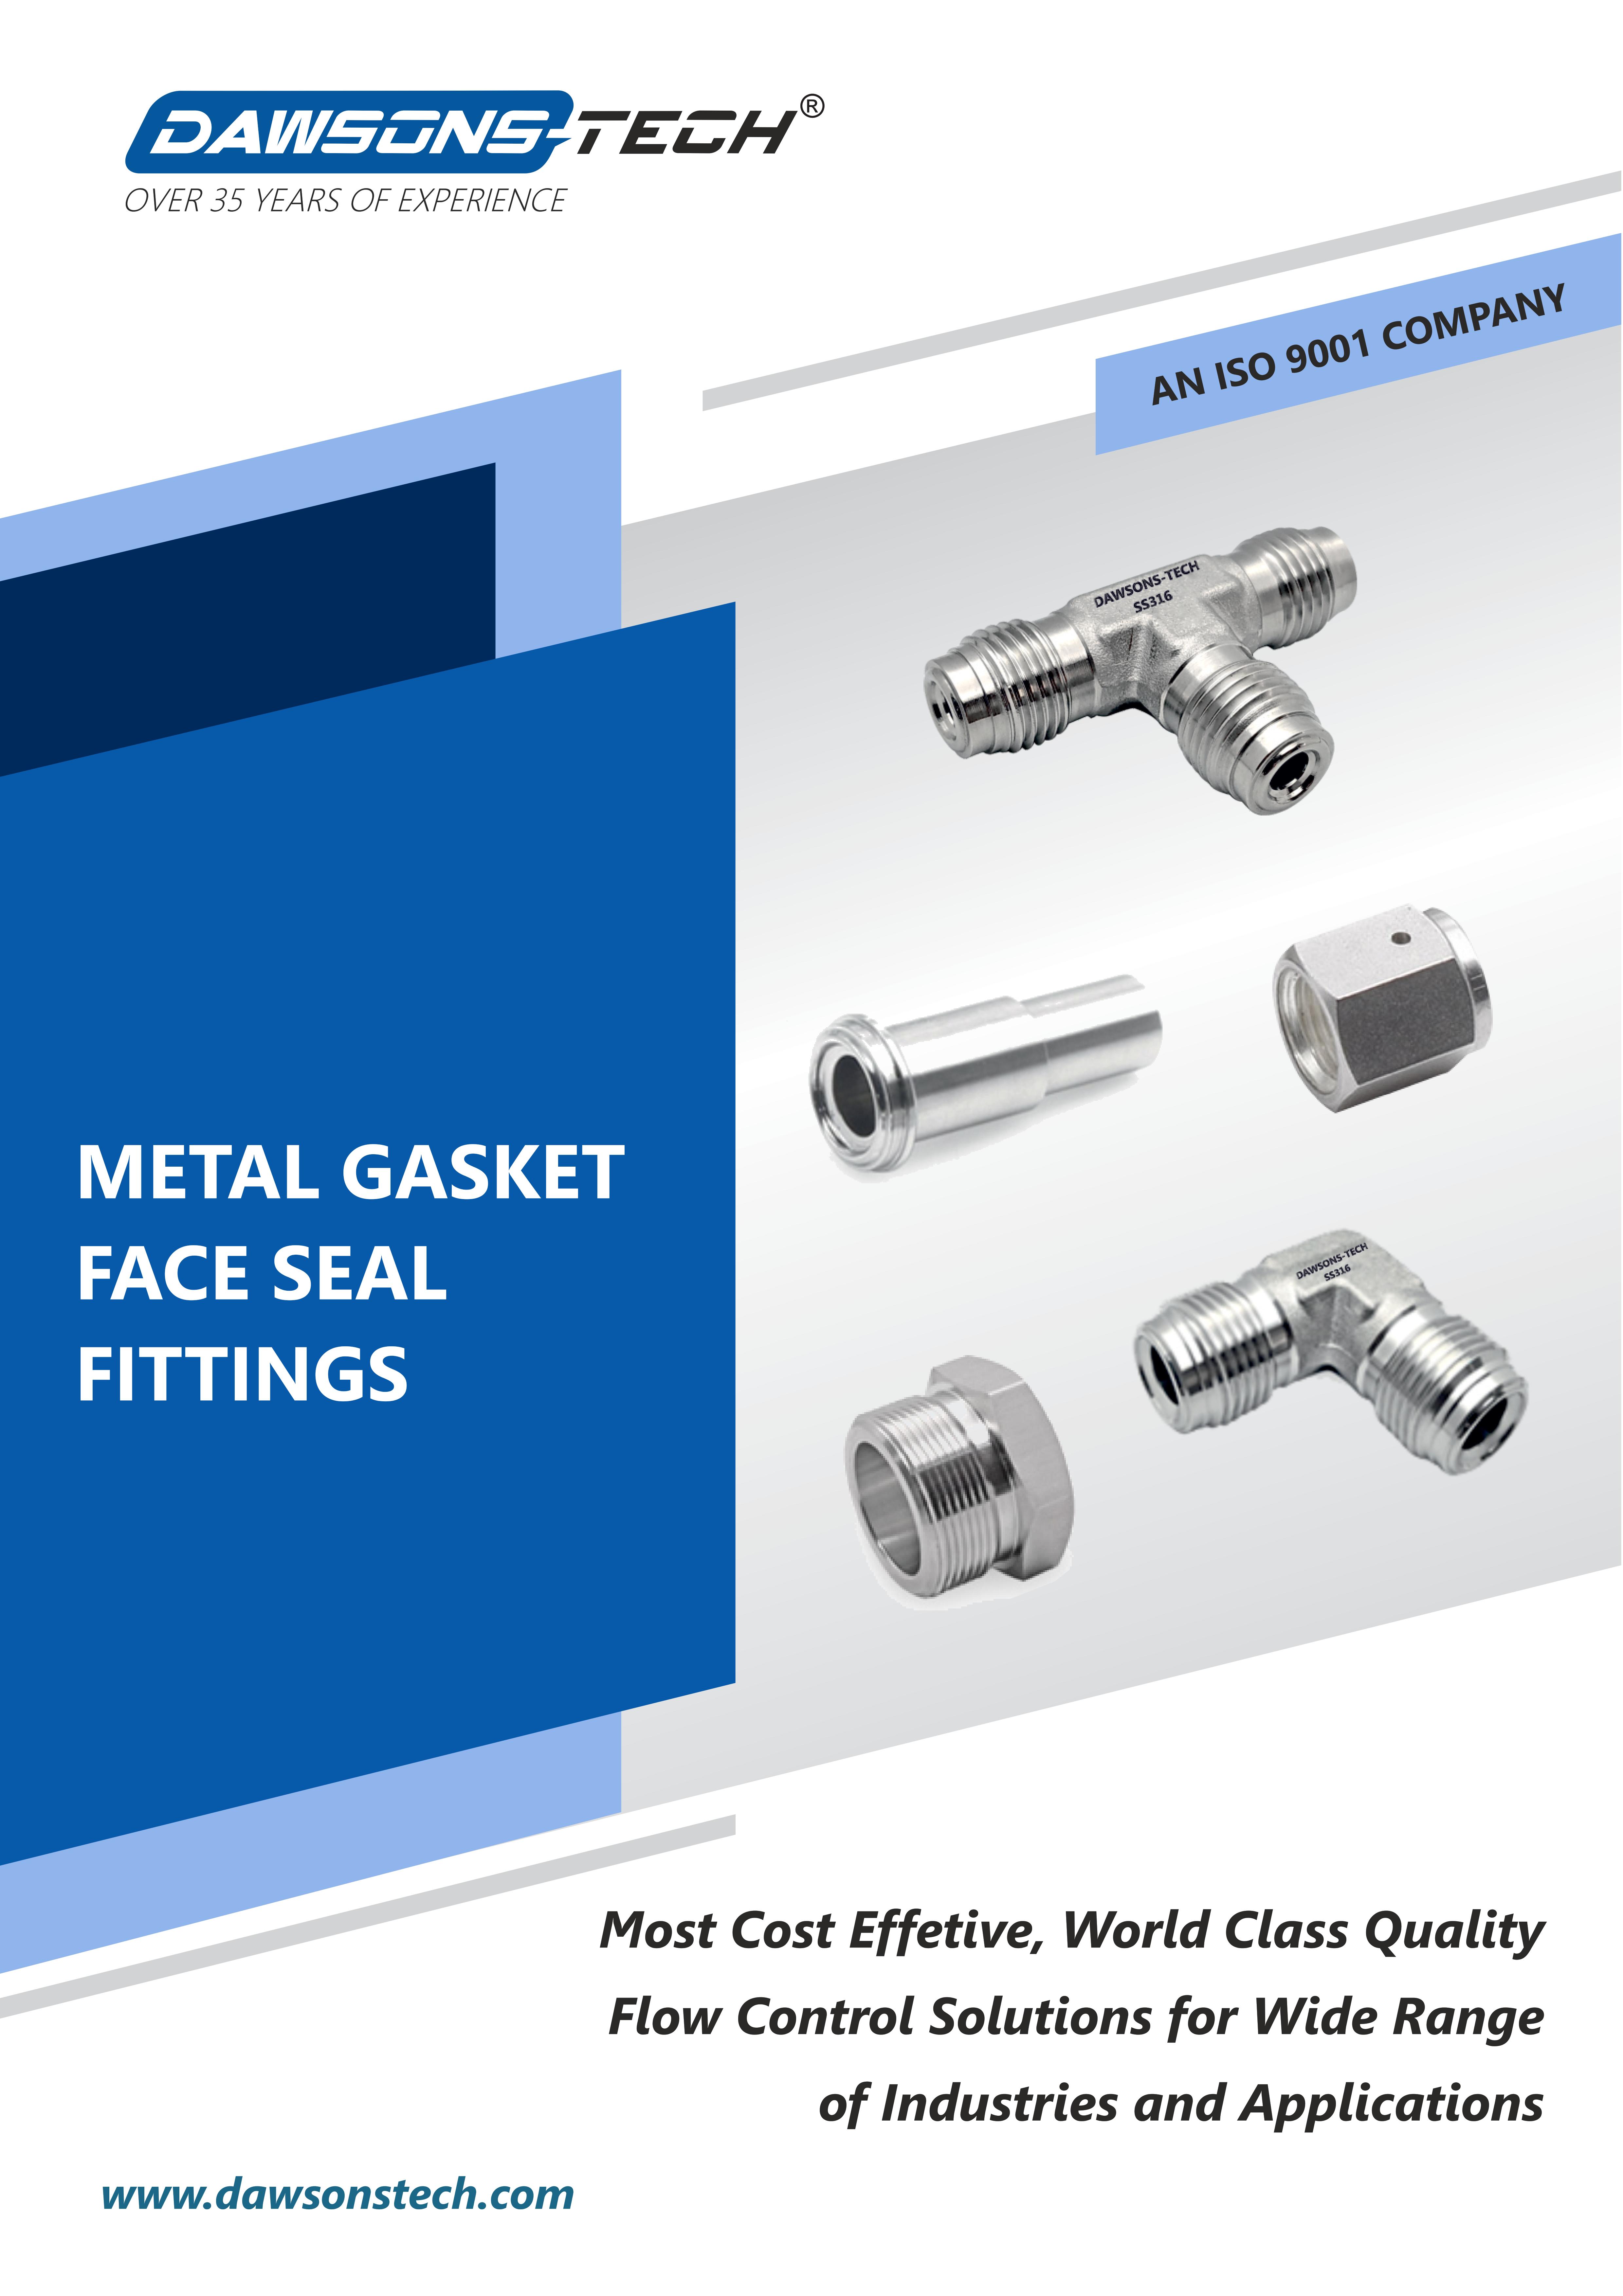 Metal Gasket Face Seal Fittings